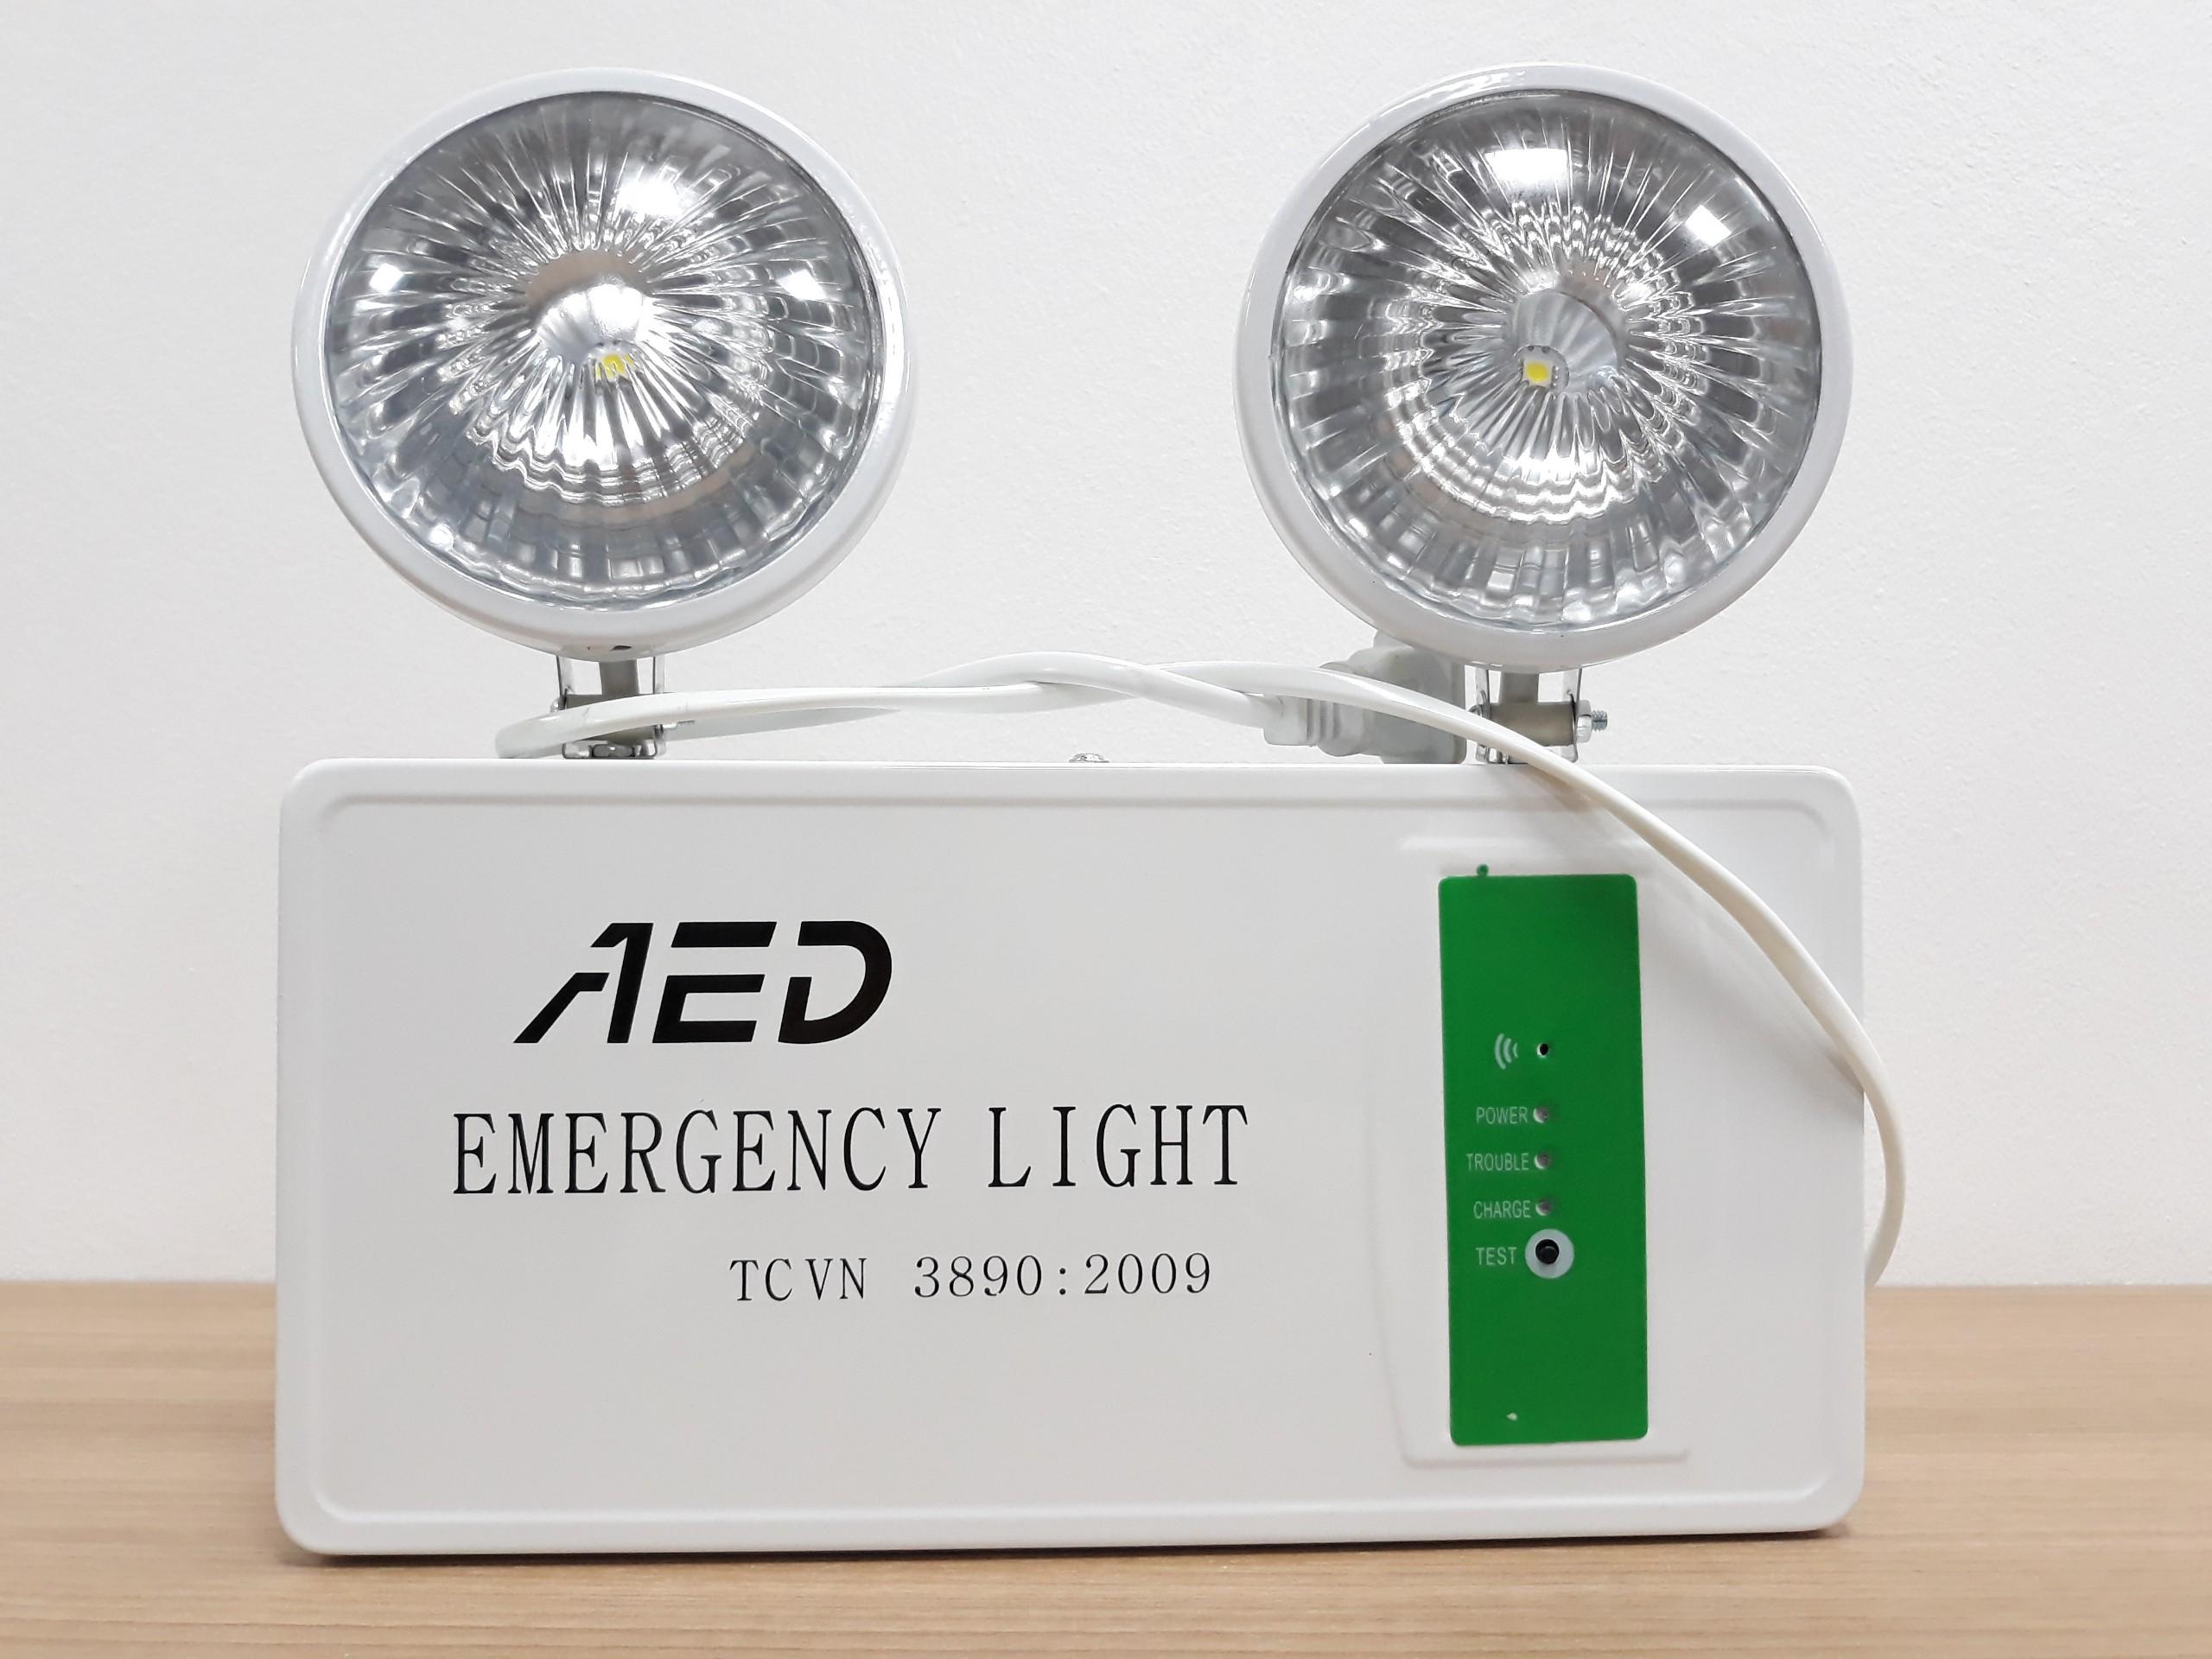 Đèn sự cố AED (3W- thời gian chiếu sáng > 120 phút, có tem kiểm định của Cục CS PCCC&CNCH và Bản sao GKĐ kèm theo)